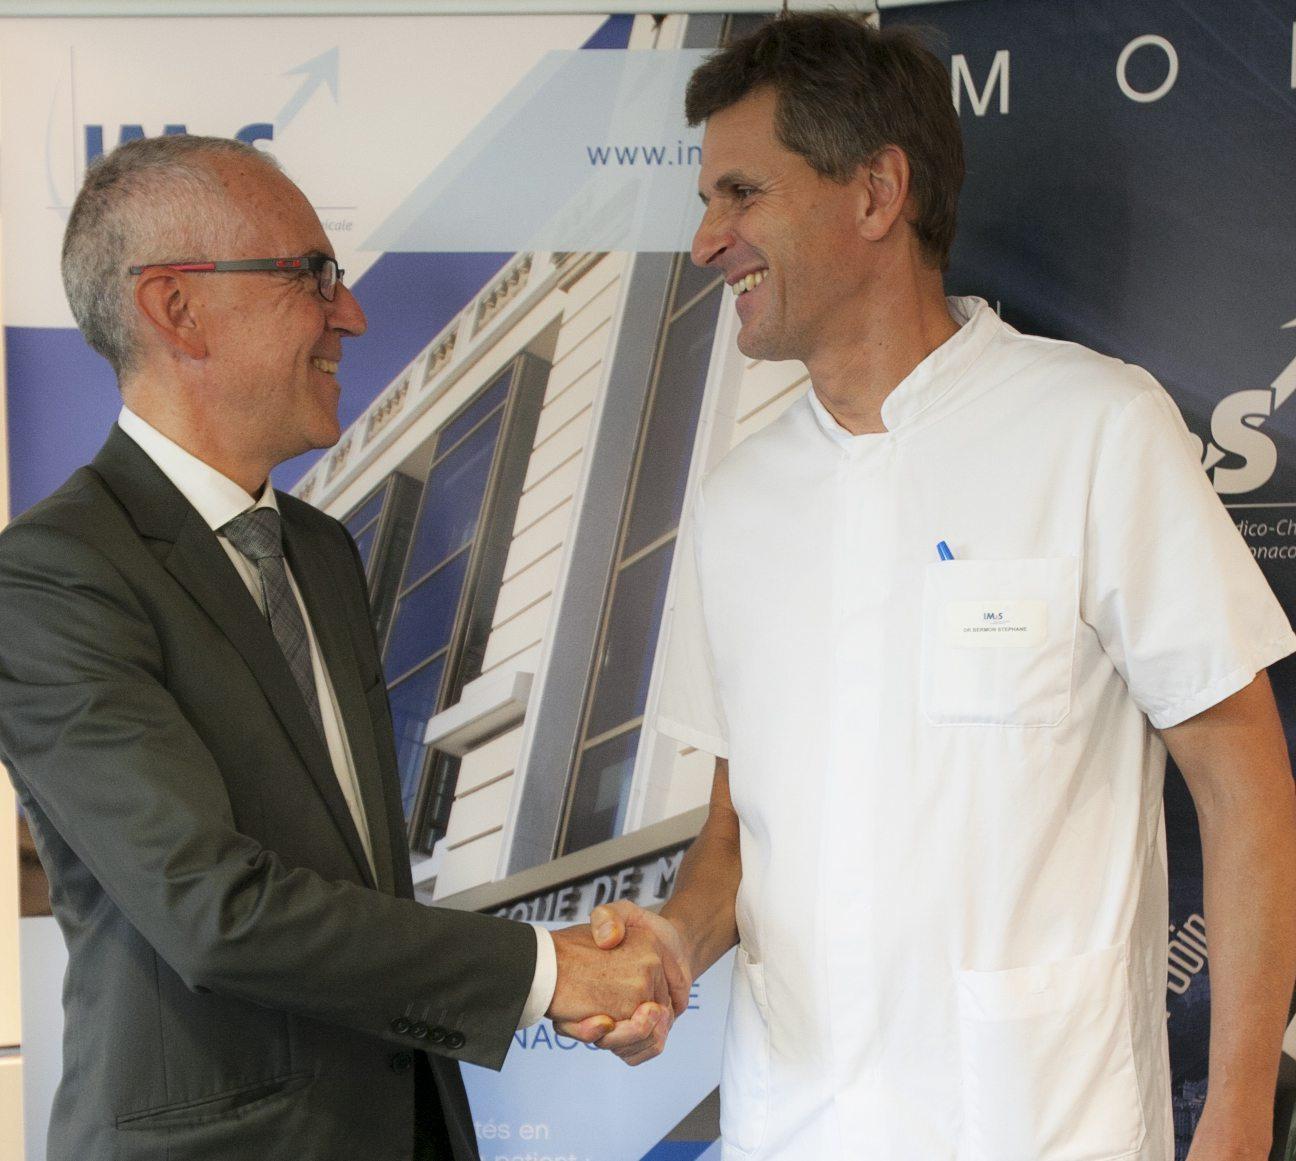 Le Dr Stéphane Bermon, médecin du sport à l'IM2S et Umberto Langellotti, président de la Fédération monégasque de cyclisme (FMC), ont signé une convention.(DR)